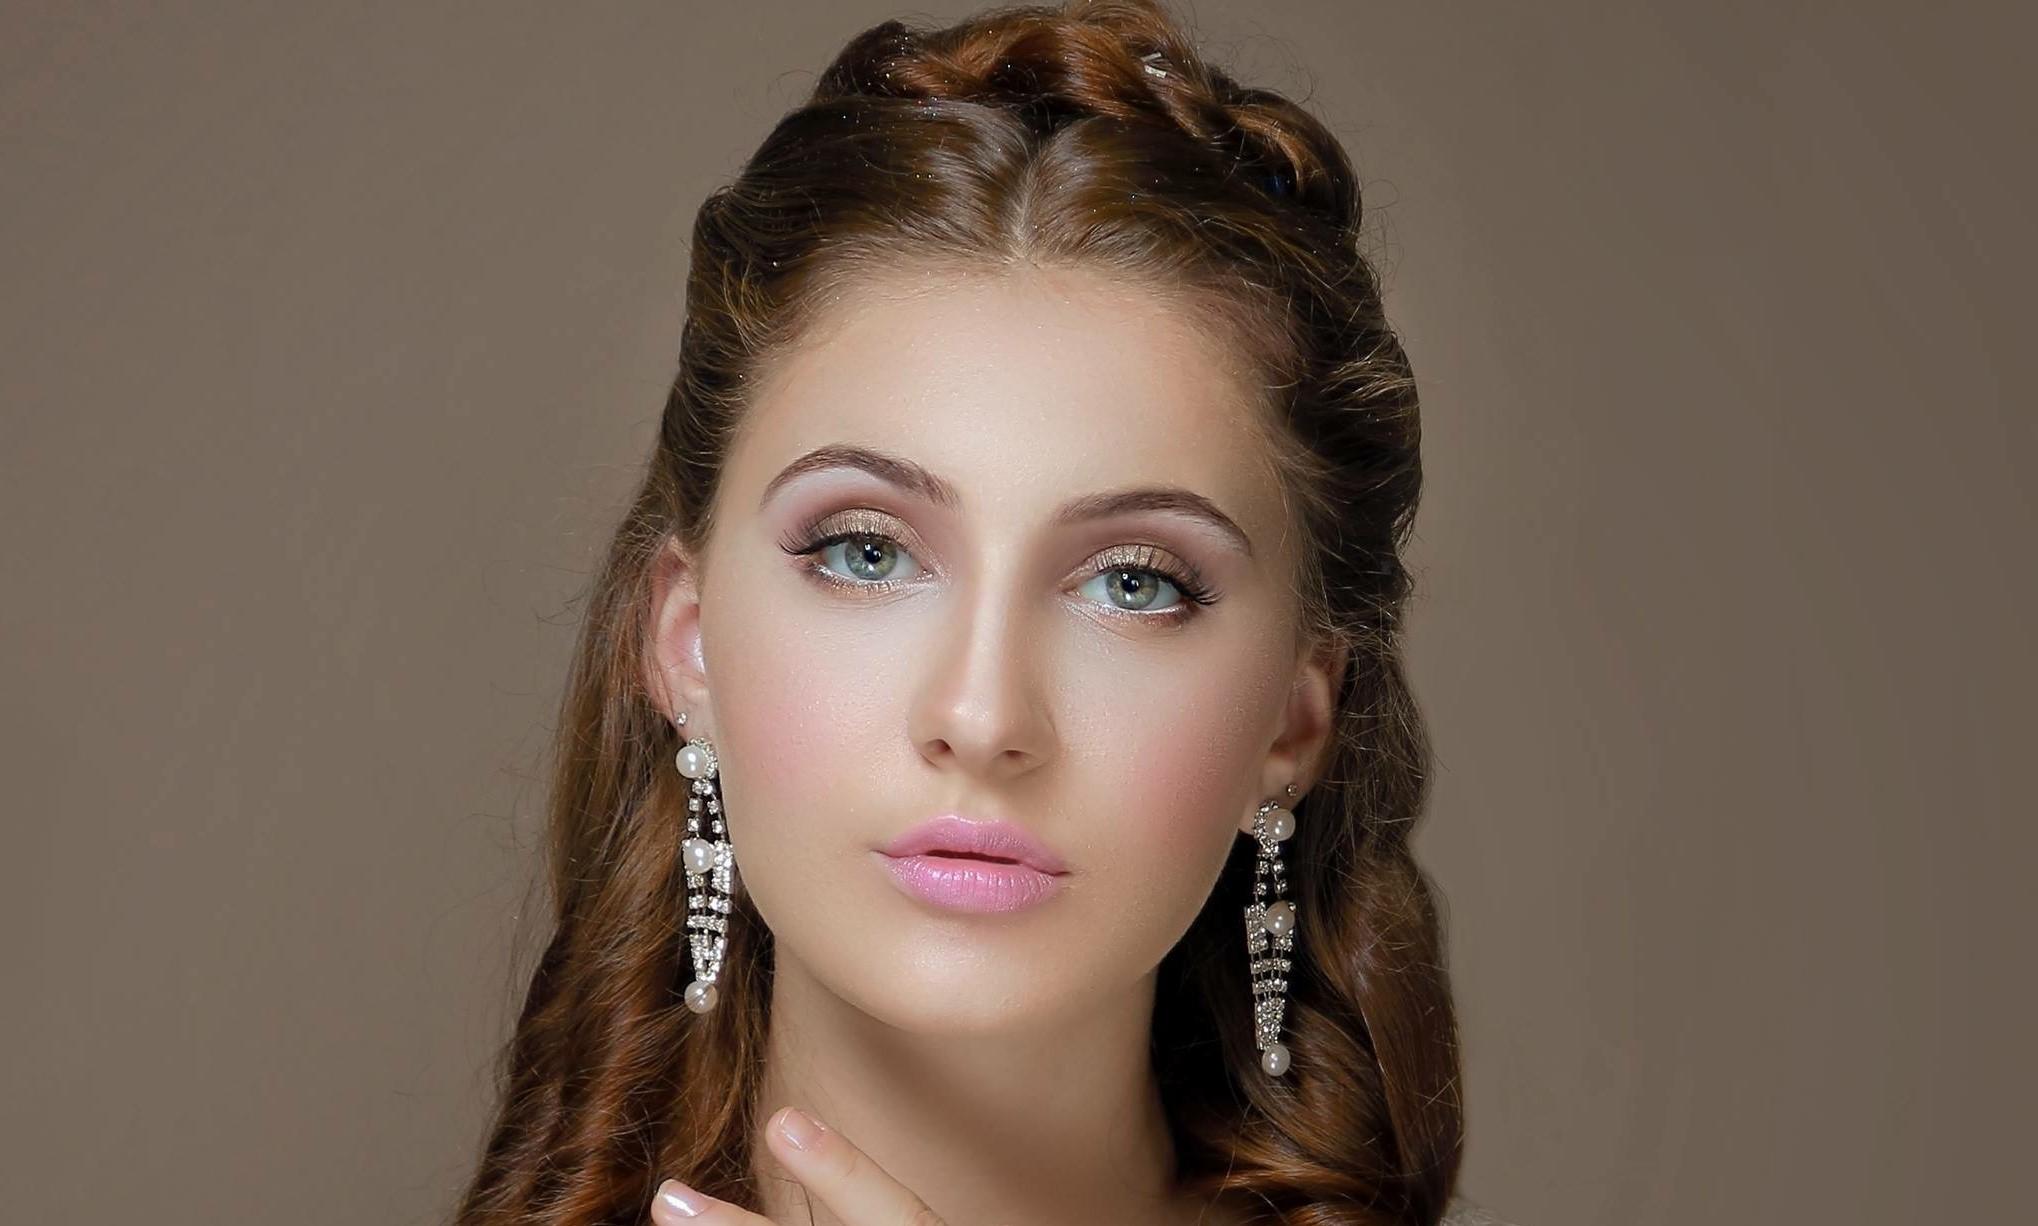 Il n'y a donc pas de maquillage de mariage spécifique pour les yeux verts qui convienne à toutes les dames.